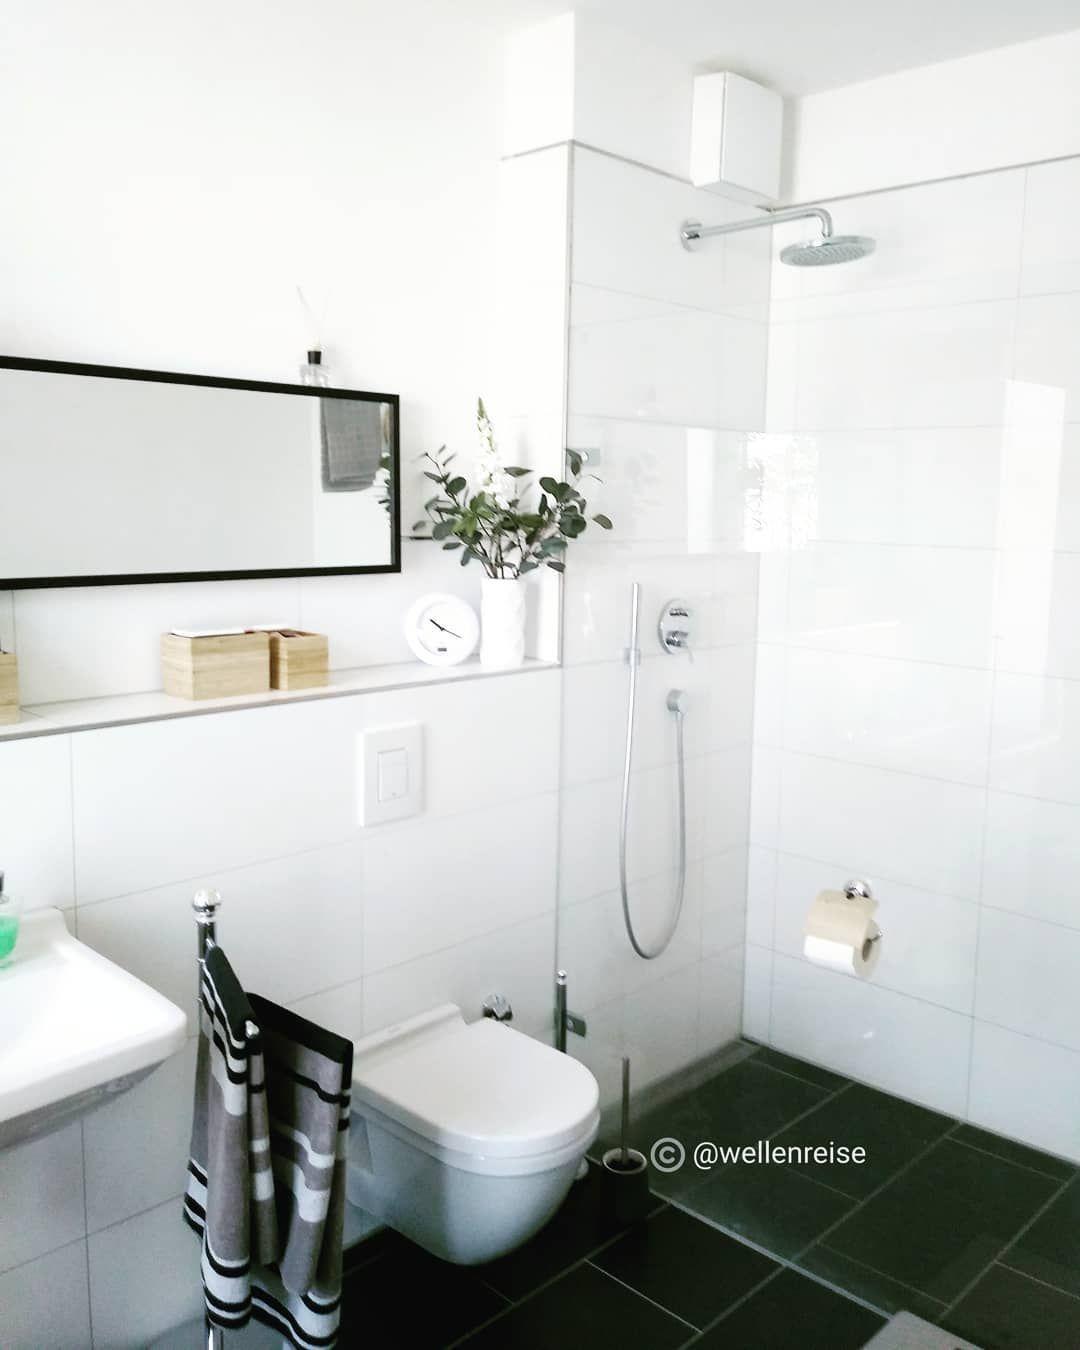 Ich Liebe Unser Schlichtes Bad Grosse Schwarz Weisse Fliesen Begehbare Regendusche Viel Tageslicht Automatische Luftung Genug Platz U Bathroom Toilet Bad